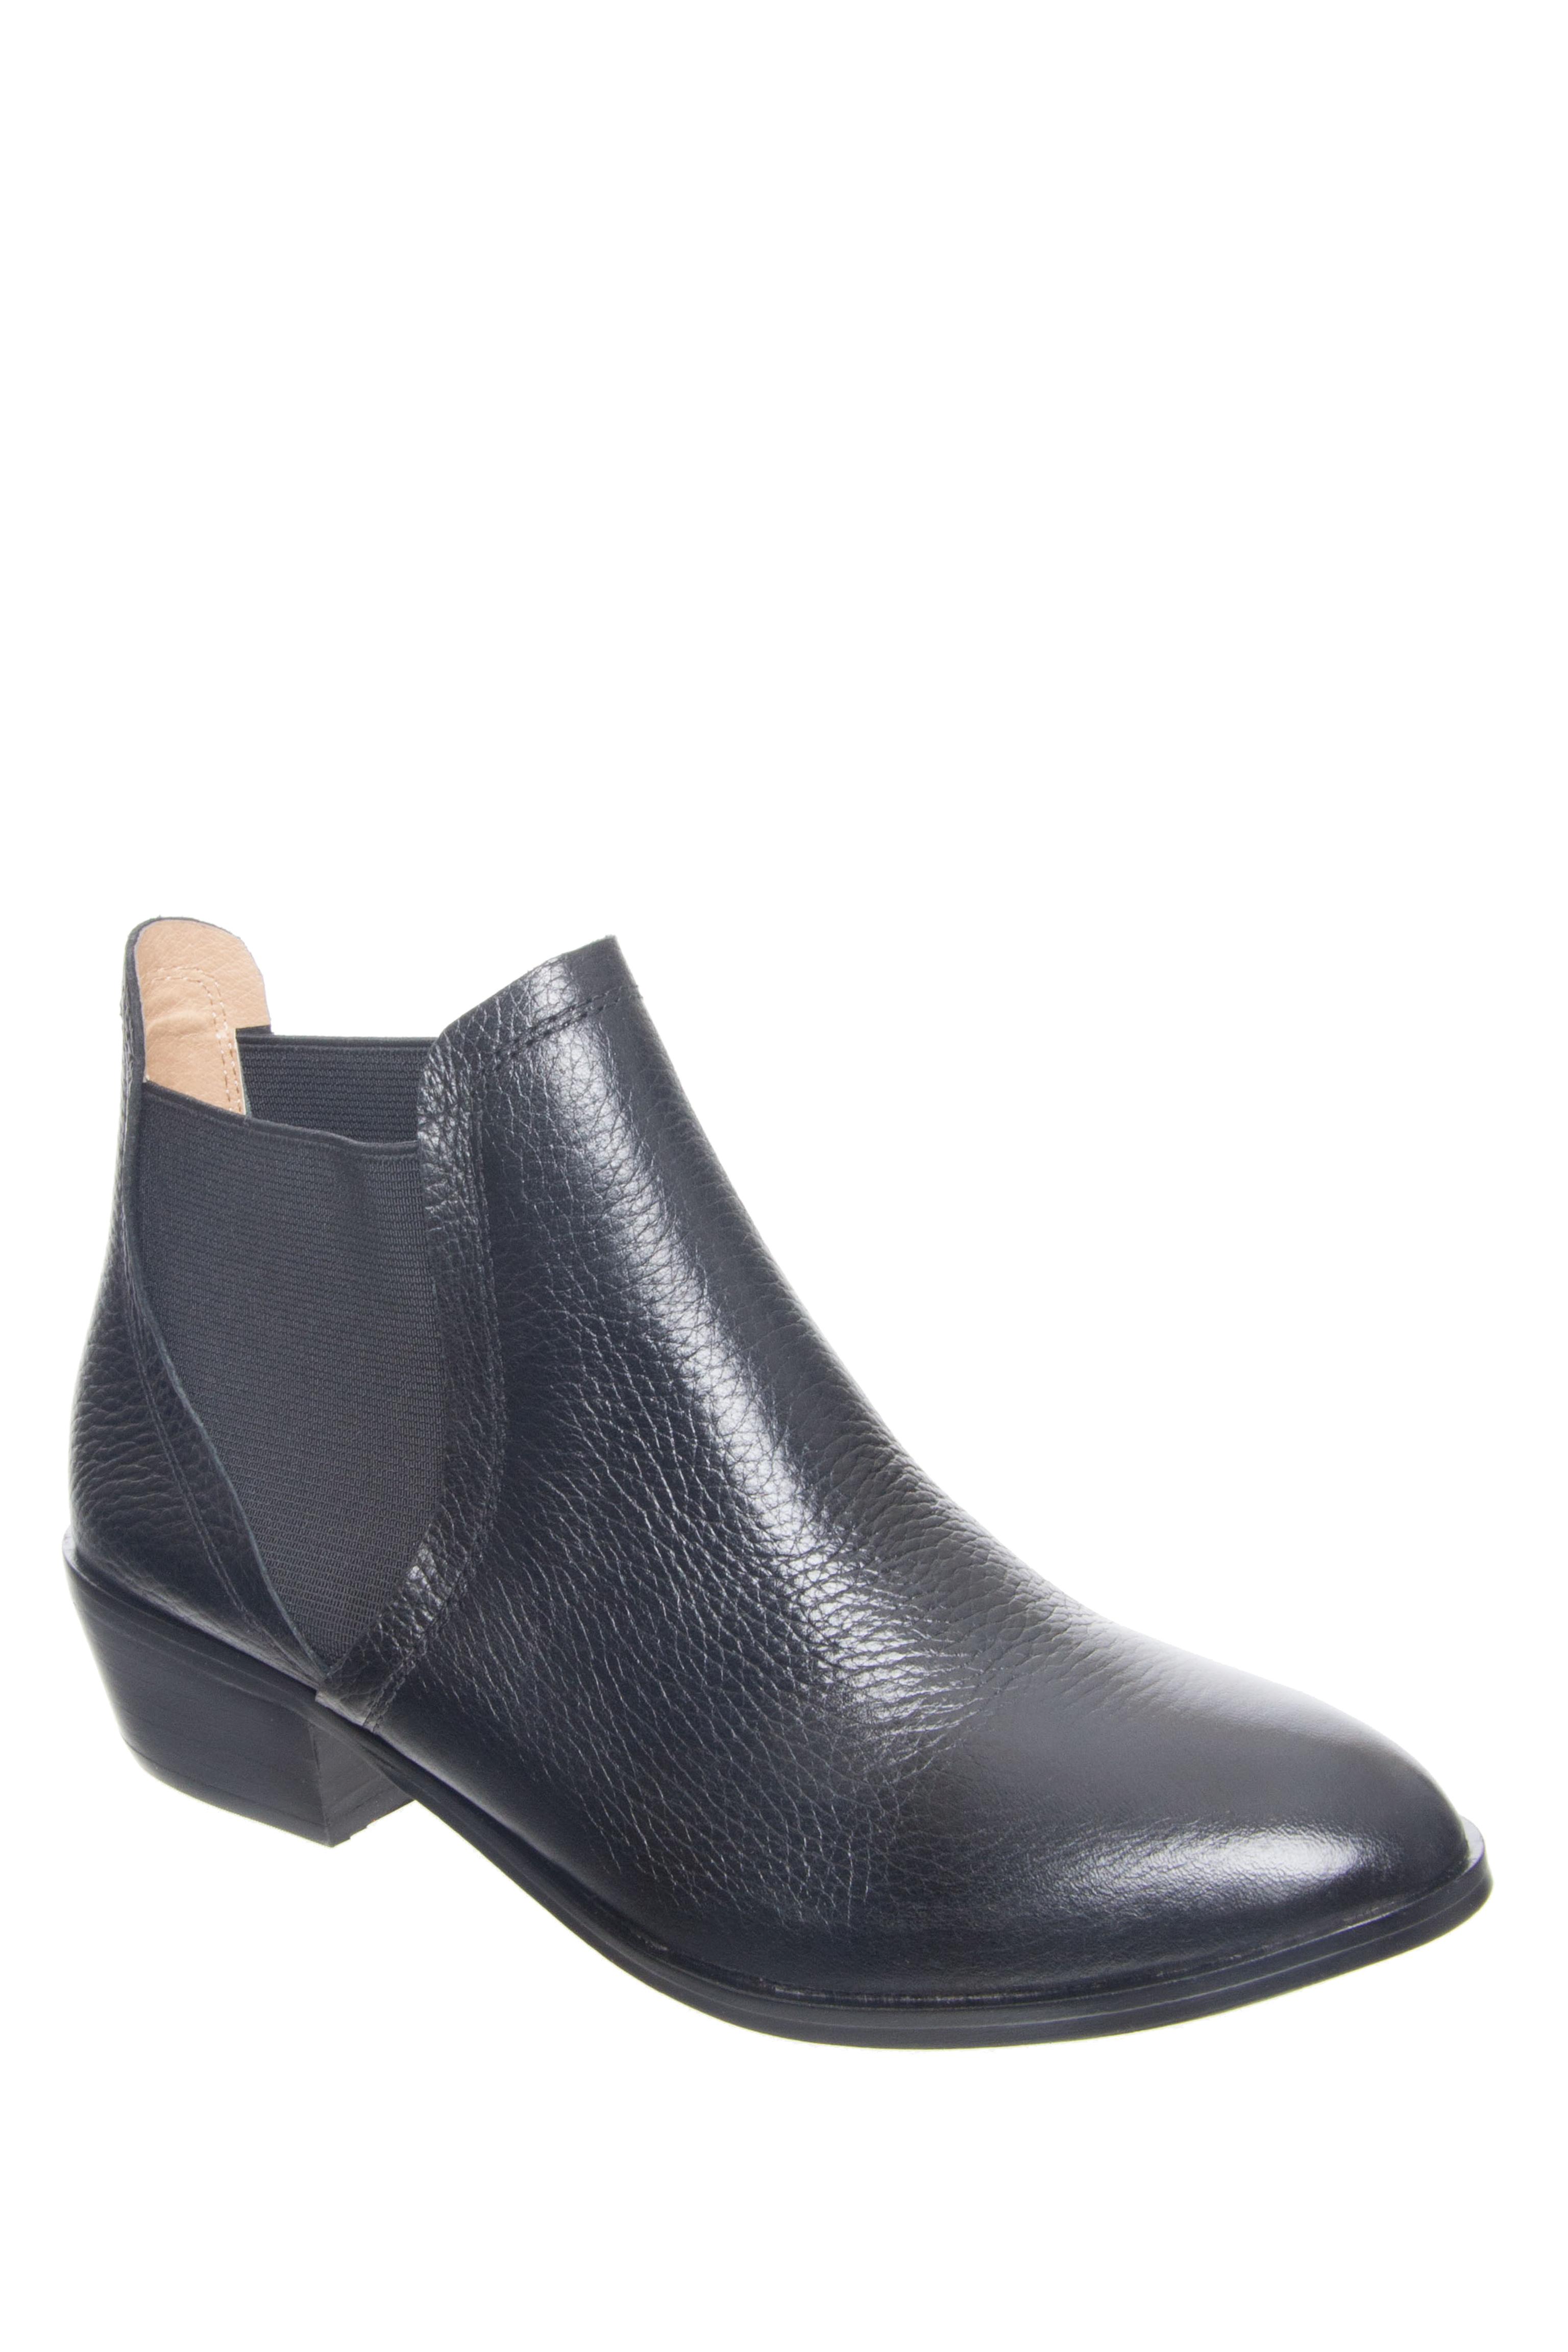 SPLENDID Henri Low Heel Booties - Black